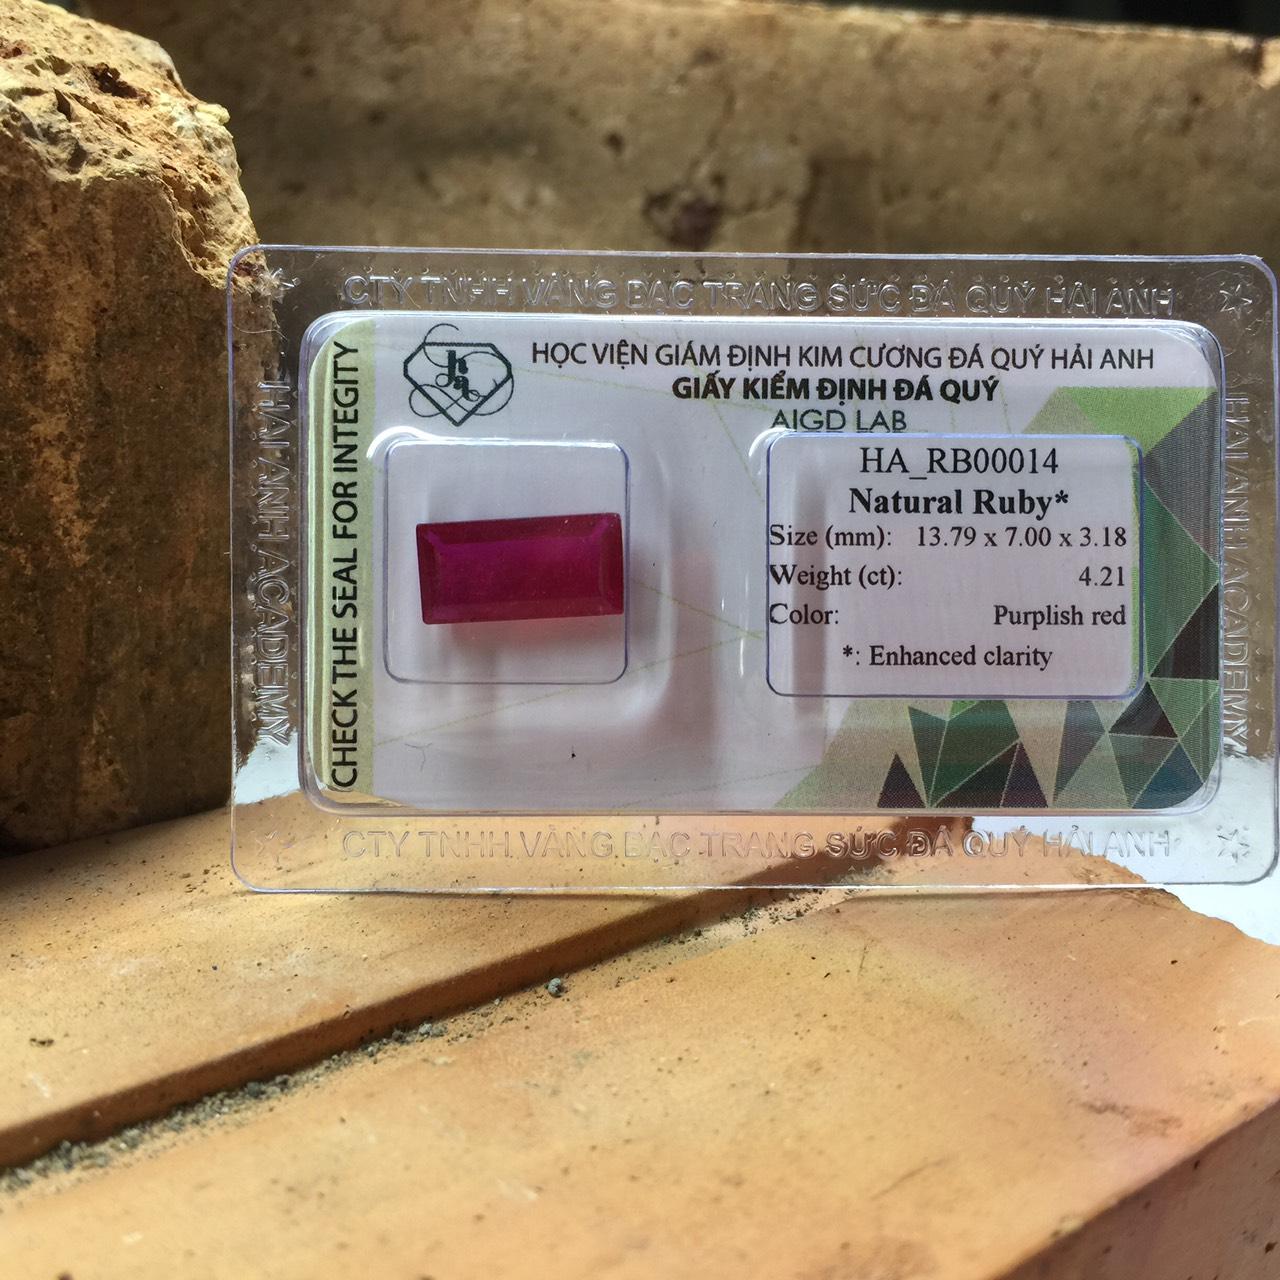 Viên đá Ruby thiên nhiên_HA-RB00014